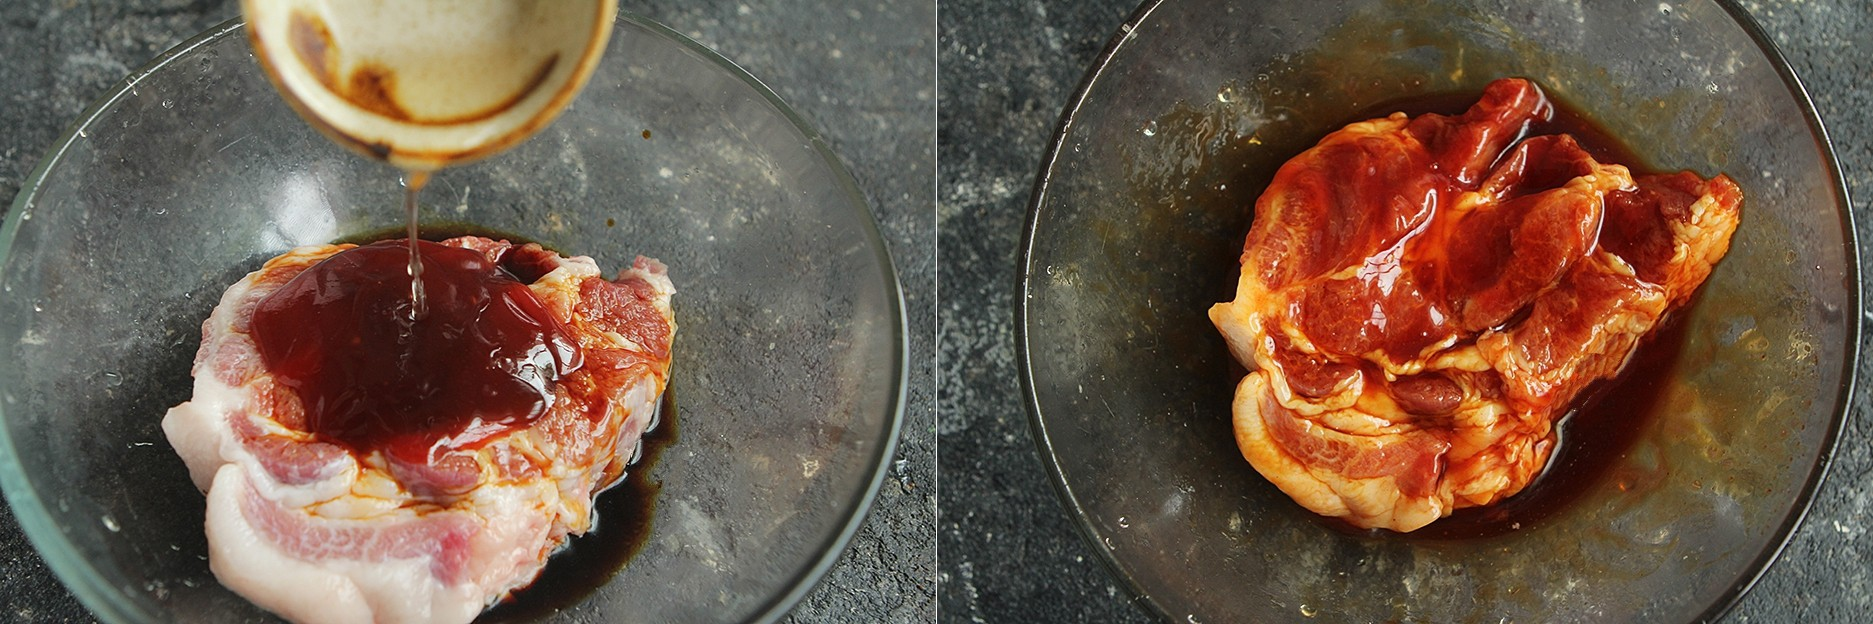 Tưởng không dễ mà dễ không tưởng: nướng thịt bằng nồi cơm điện ăn siêu ngon!-2